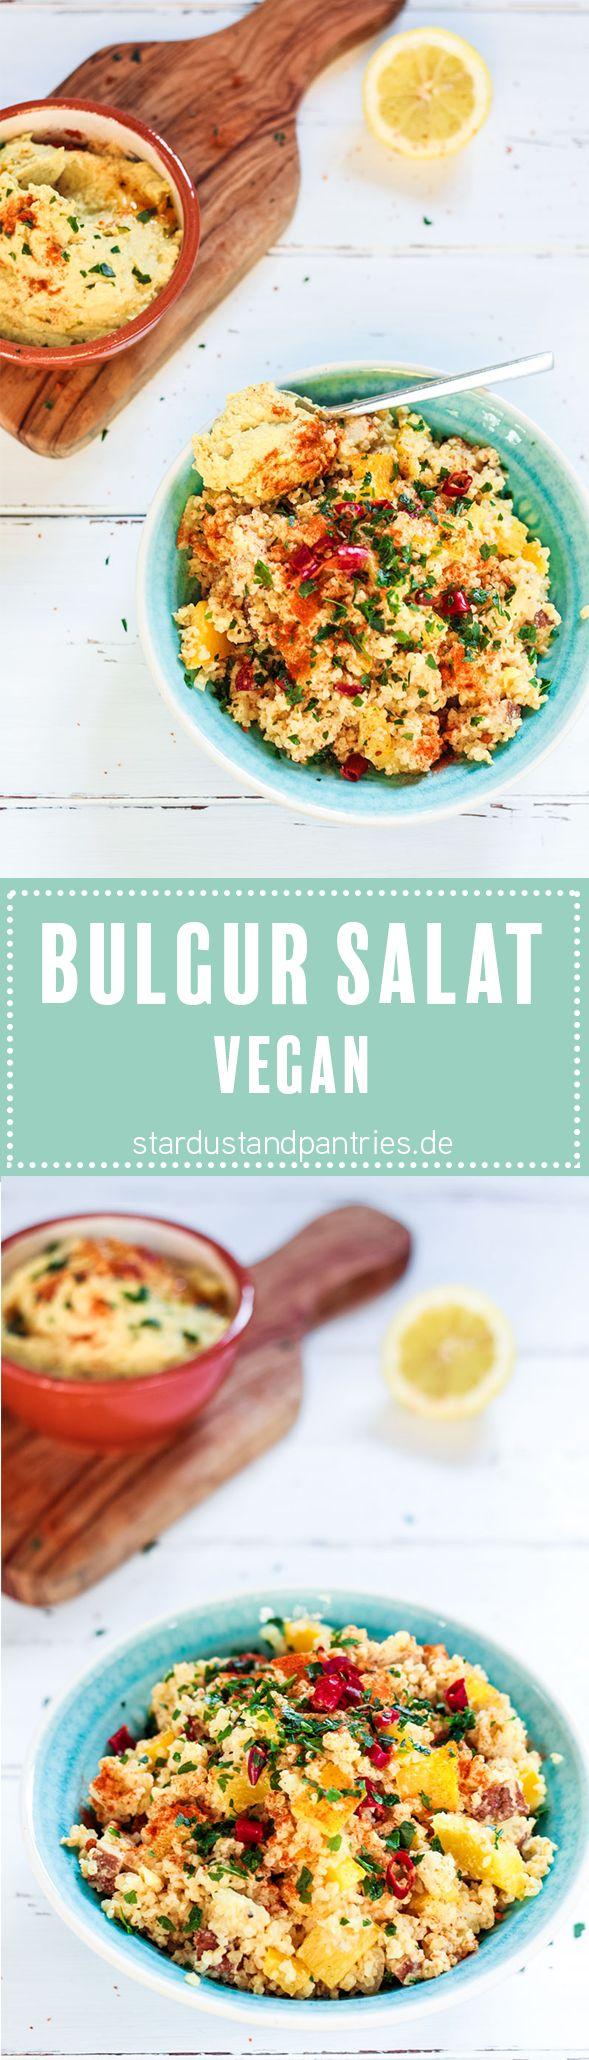 Veganer Bulgur Salat mit Hummus. Super leckerer und würziger Bulgur Salat mit Räucher Tofu, Chili und Hummus. Lecker zum Grillen